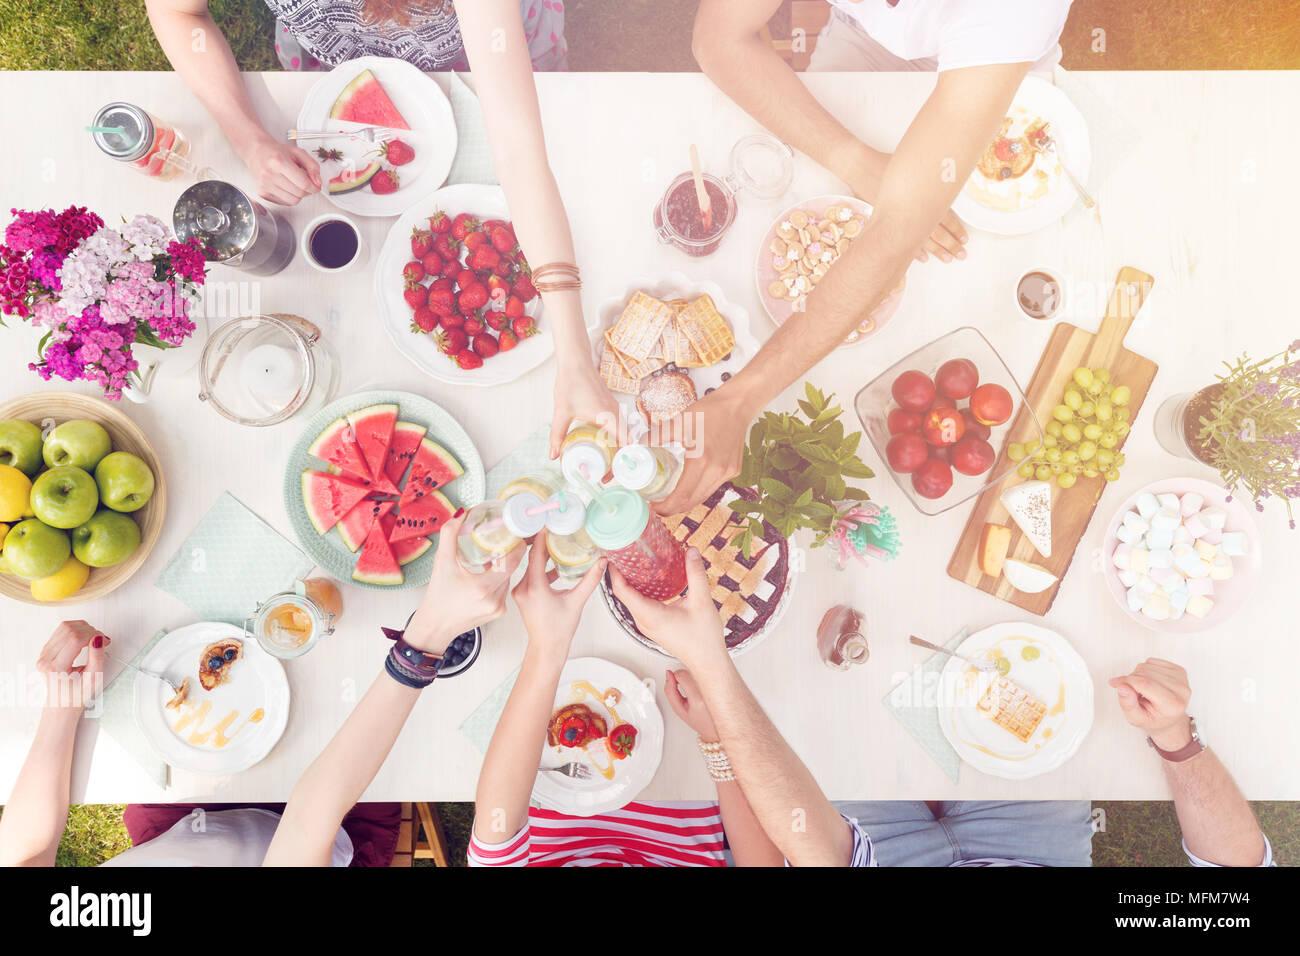 Mixed-race group di mangiare cibo sano all'aperto e tostatura Immagini Stock